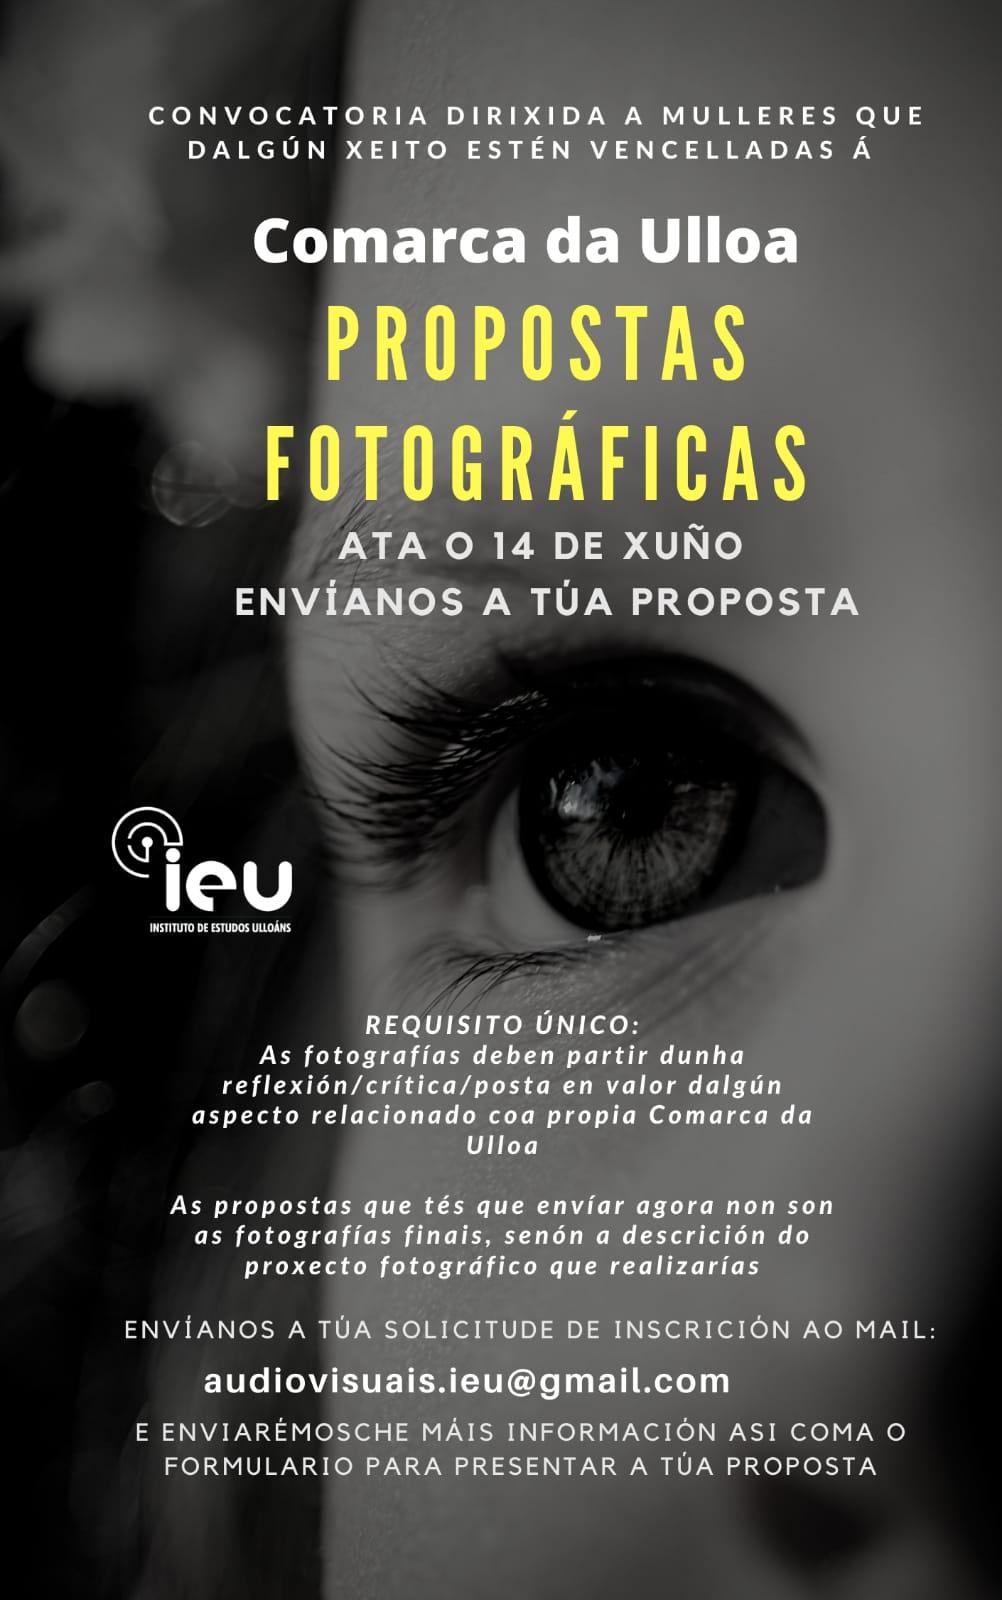 Propostas fotográficas na Ulloa, Patricia Coucheiro, Instituto de Estudos Ulloáns